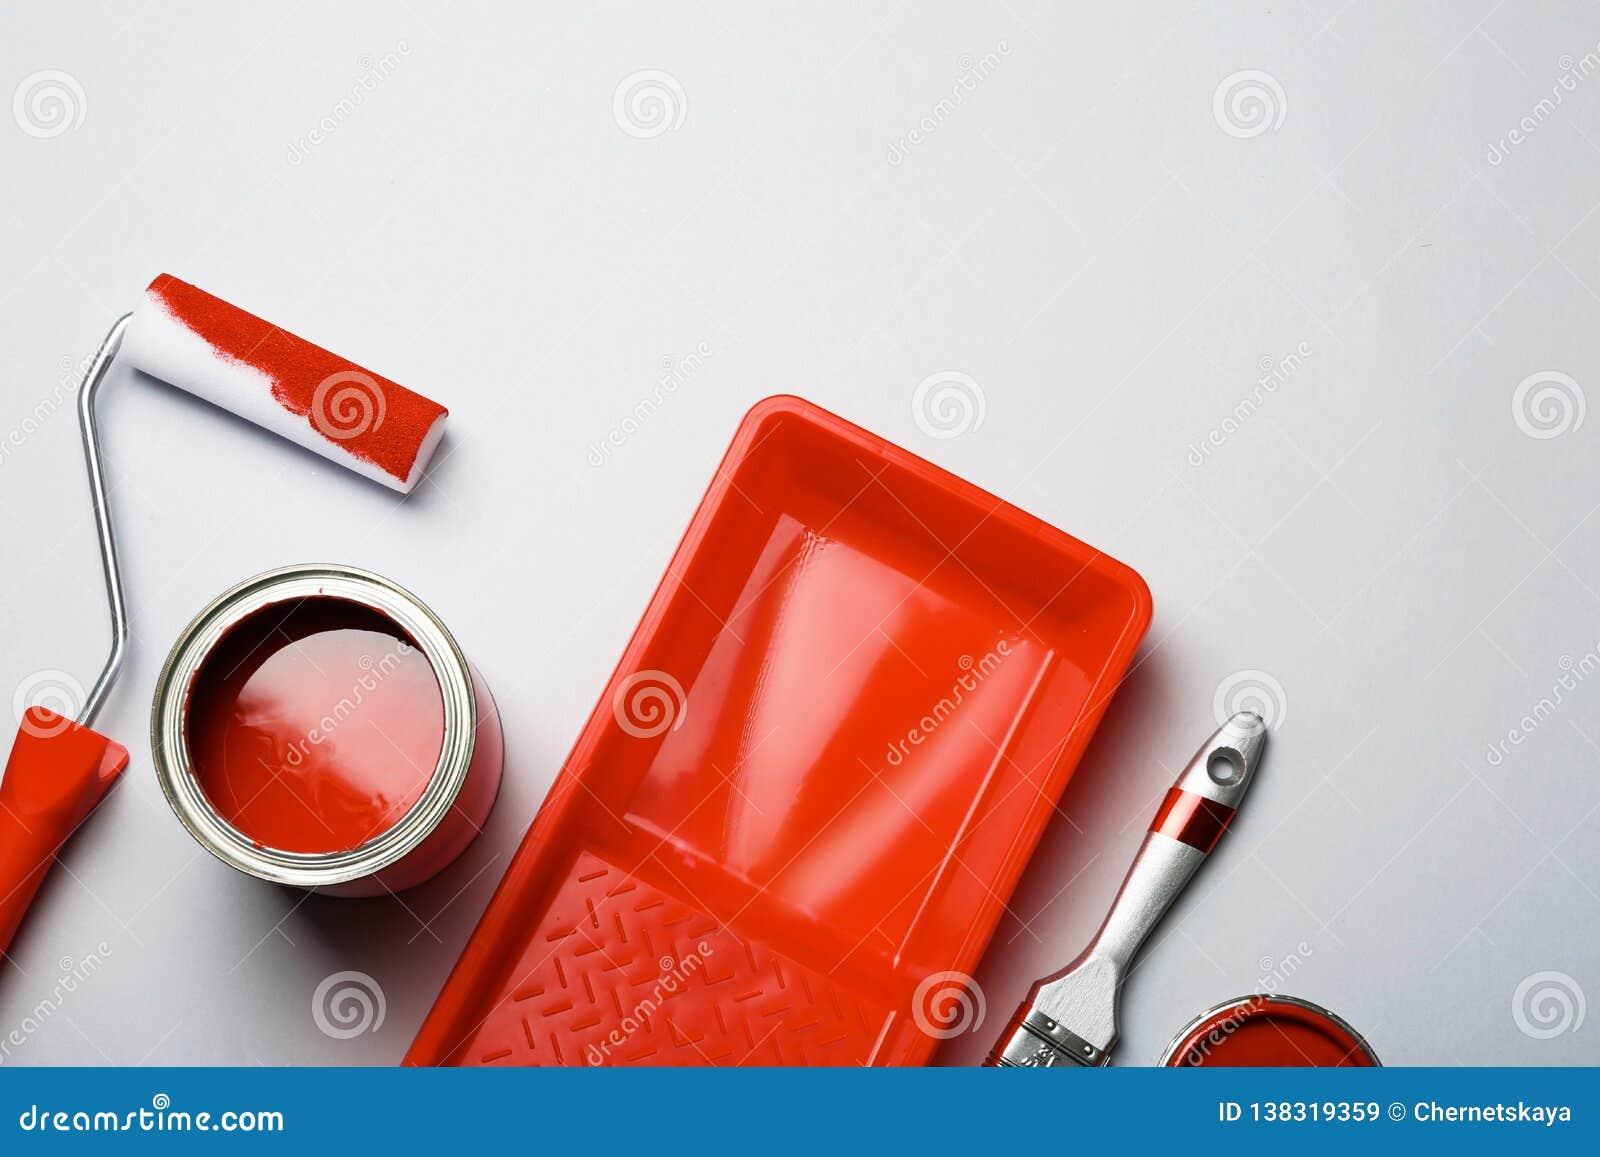 Επίπεδος βάλτε τη σύνθεση με το χρώμα μπορεί, εργαλεία διακοσμητών και διάστημα για το κείμενο